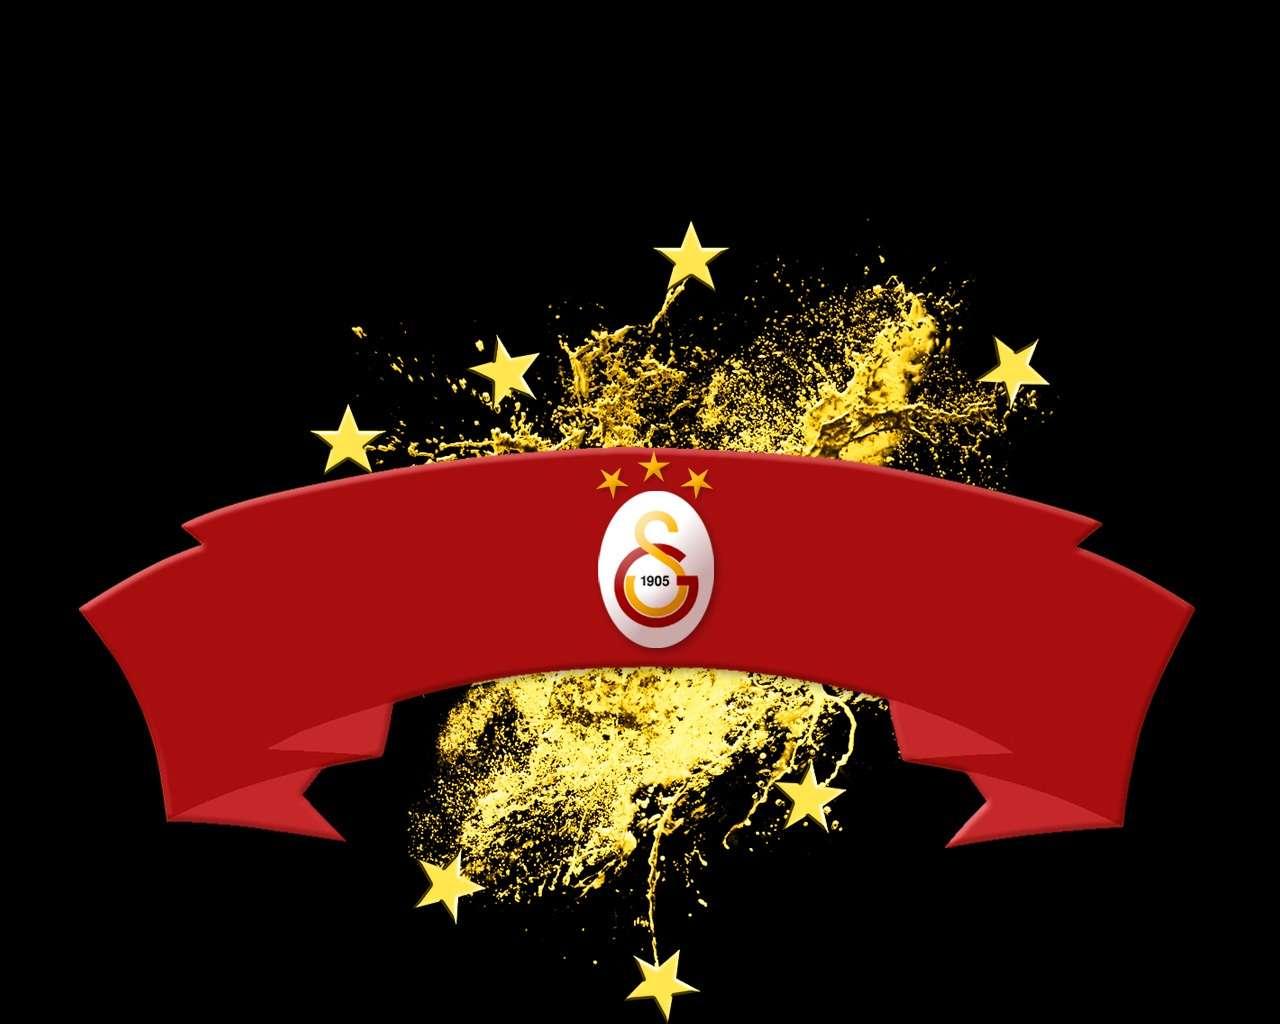 GS Galatasaray Futbol Takımı Wallpaper 22